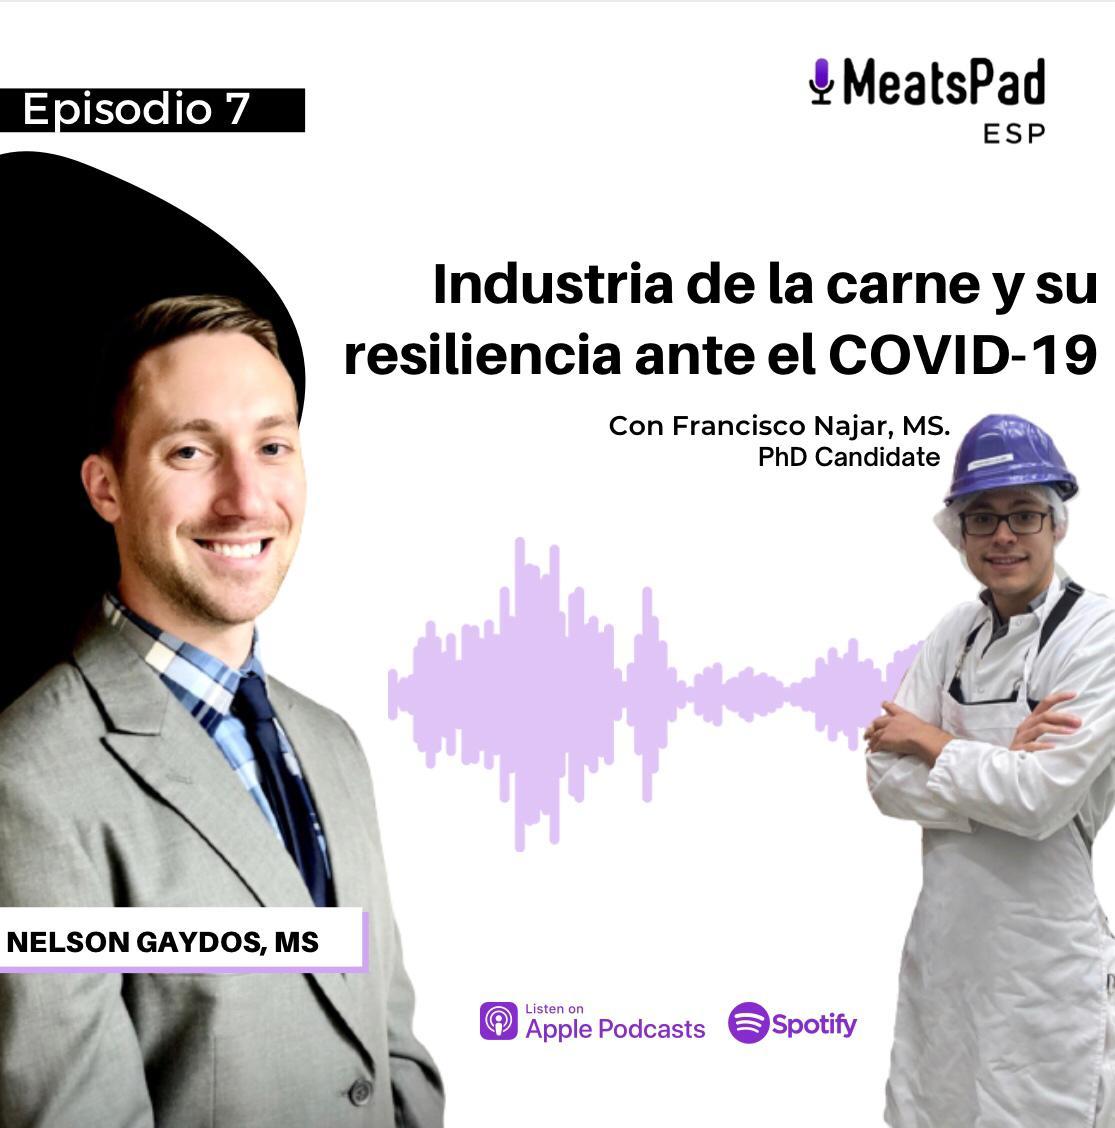 Industria de la carne y su resilencia ante el COVID-19 - Nelson Gaydos, MS